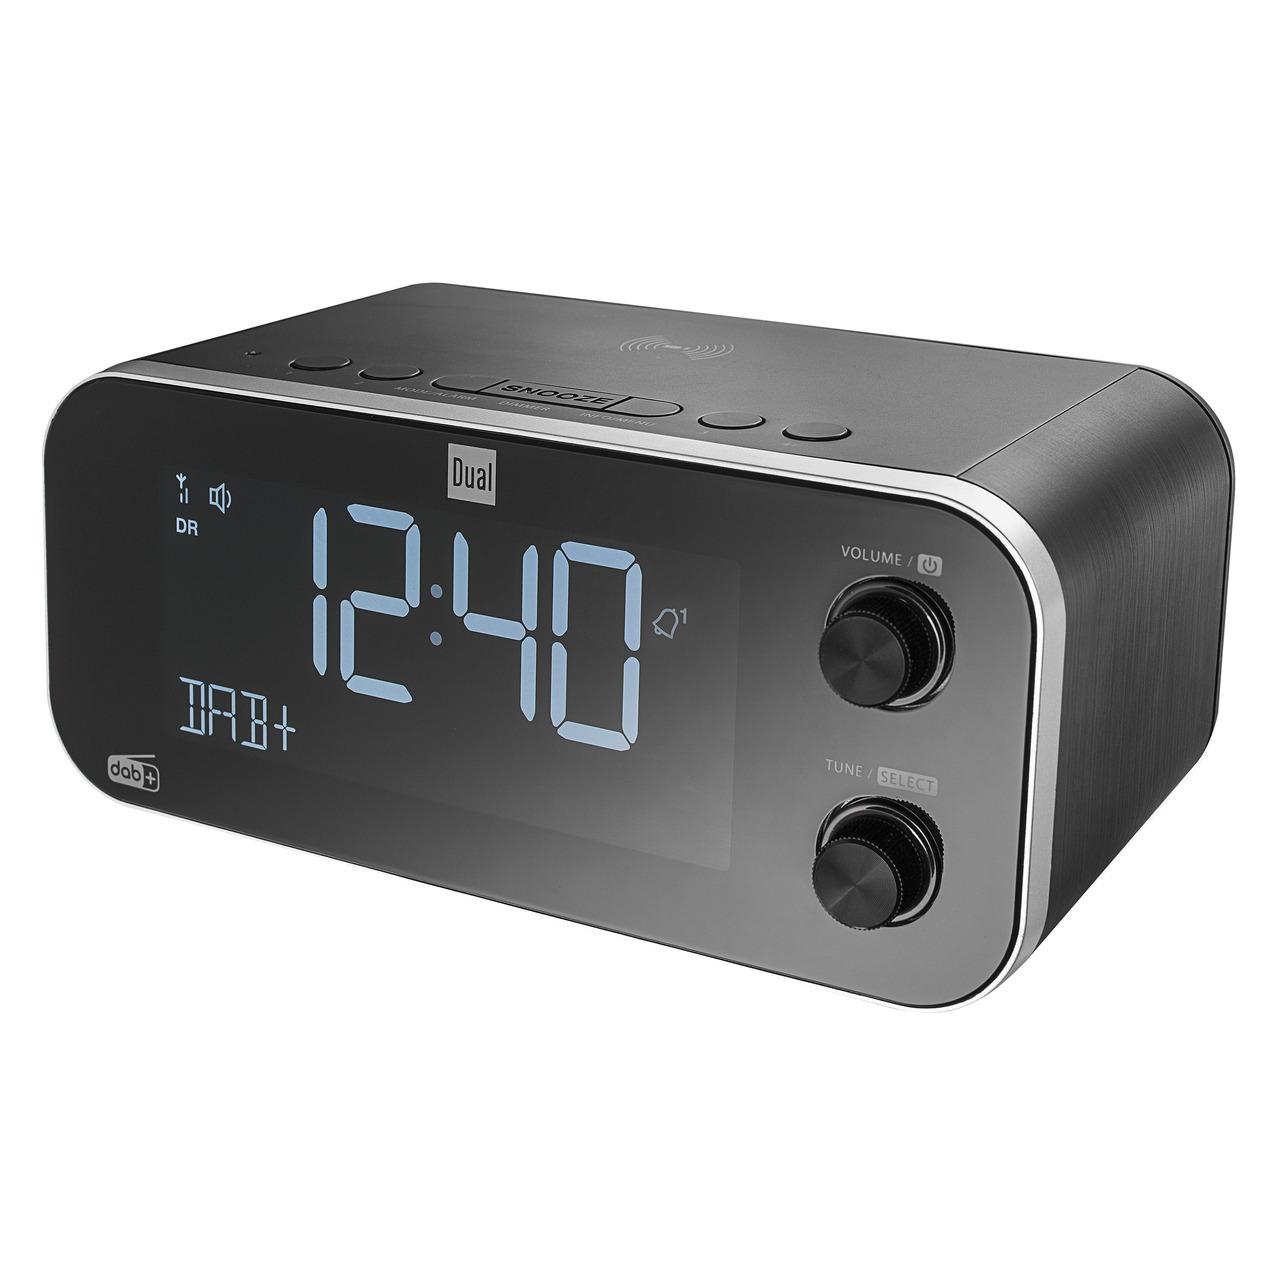 Dual Digitales Uhrenradio DAB CR 30 Black Bird- UKW-DAB+- Induktionsladefunktion